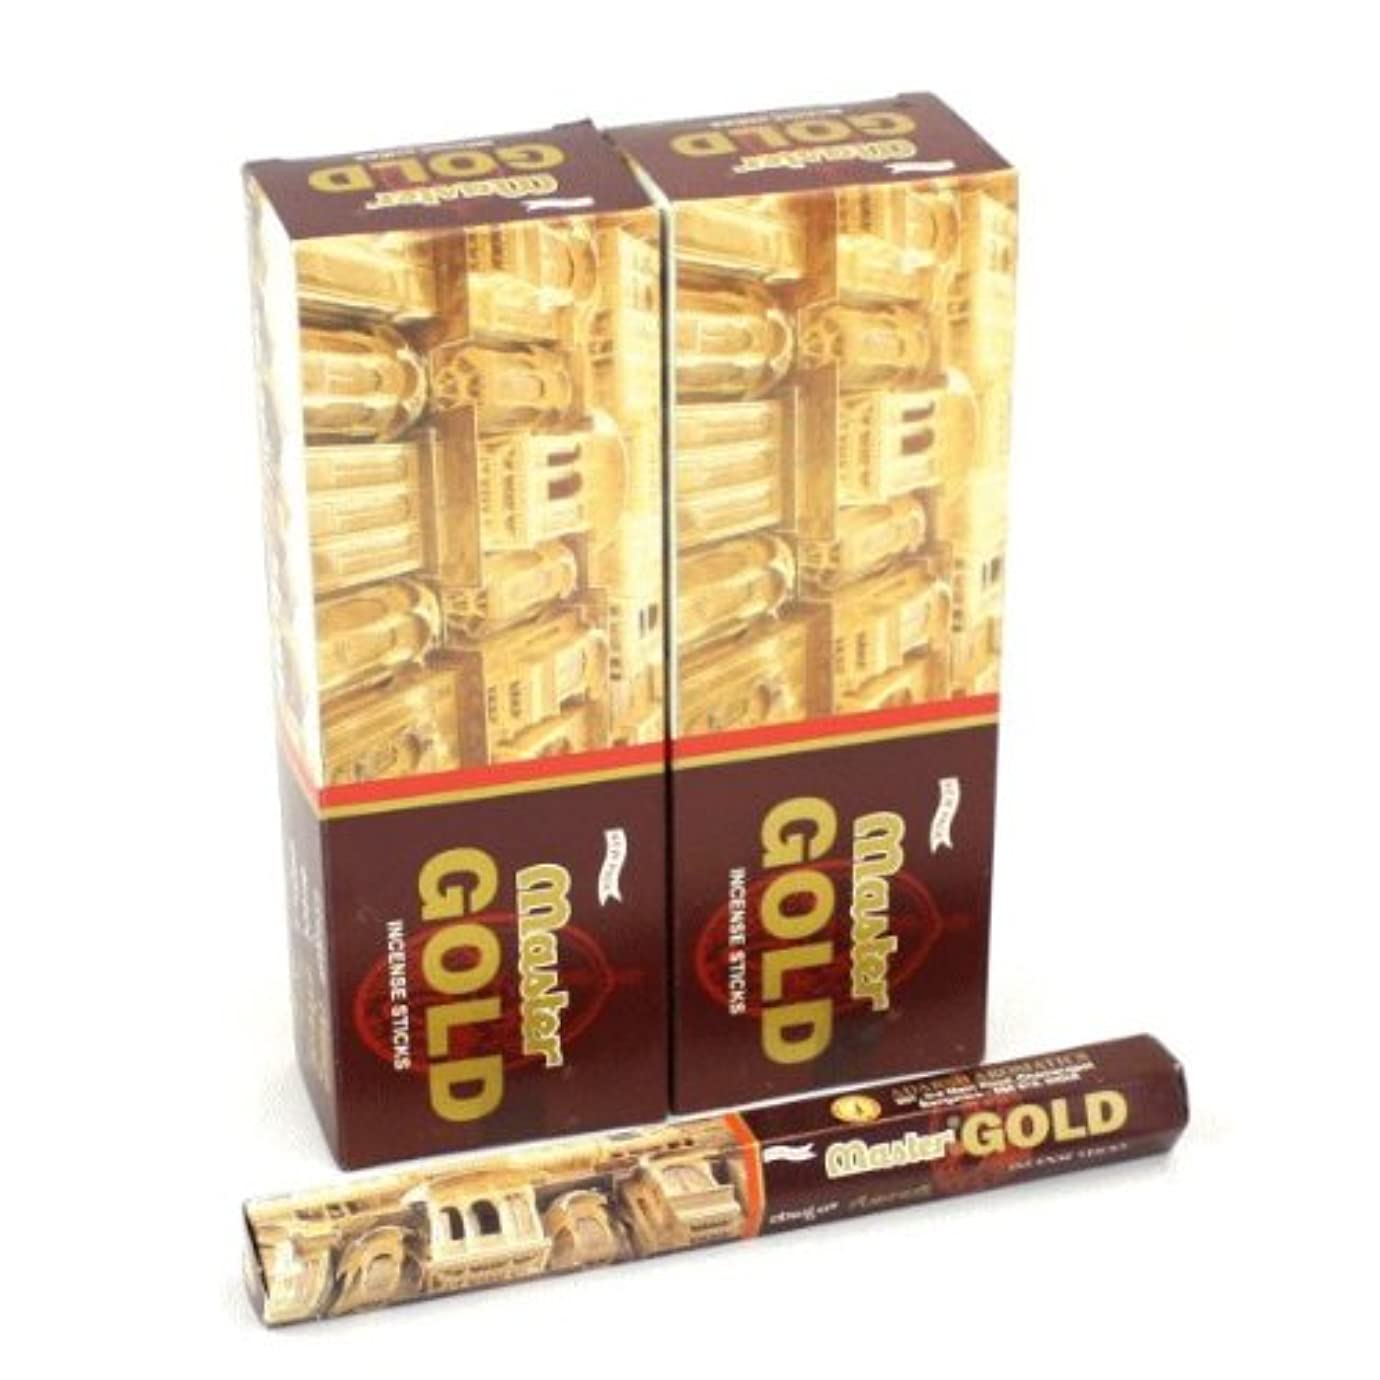 ムス水分動機付けるADARSH マスターゴールド香 スティック ヘキサパック(六角) 12箱セット MASTER GOLD